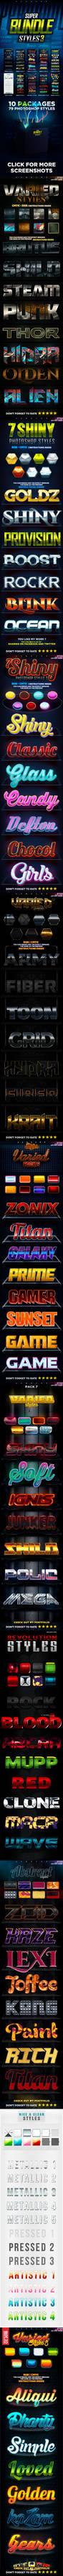 (Photoshop Styles) Super Bundle Styles 3 by aanderr